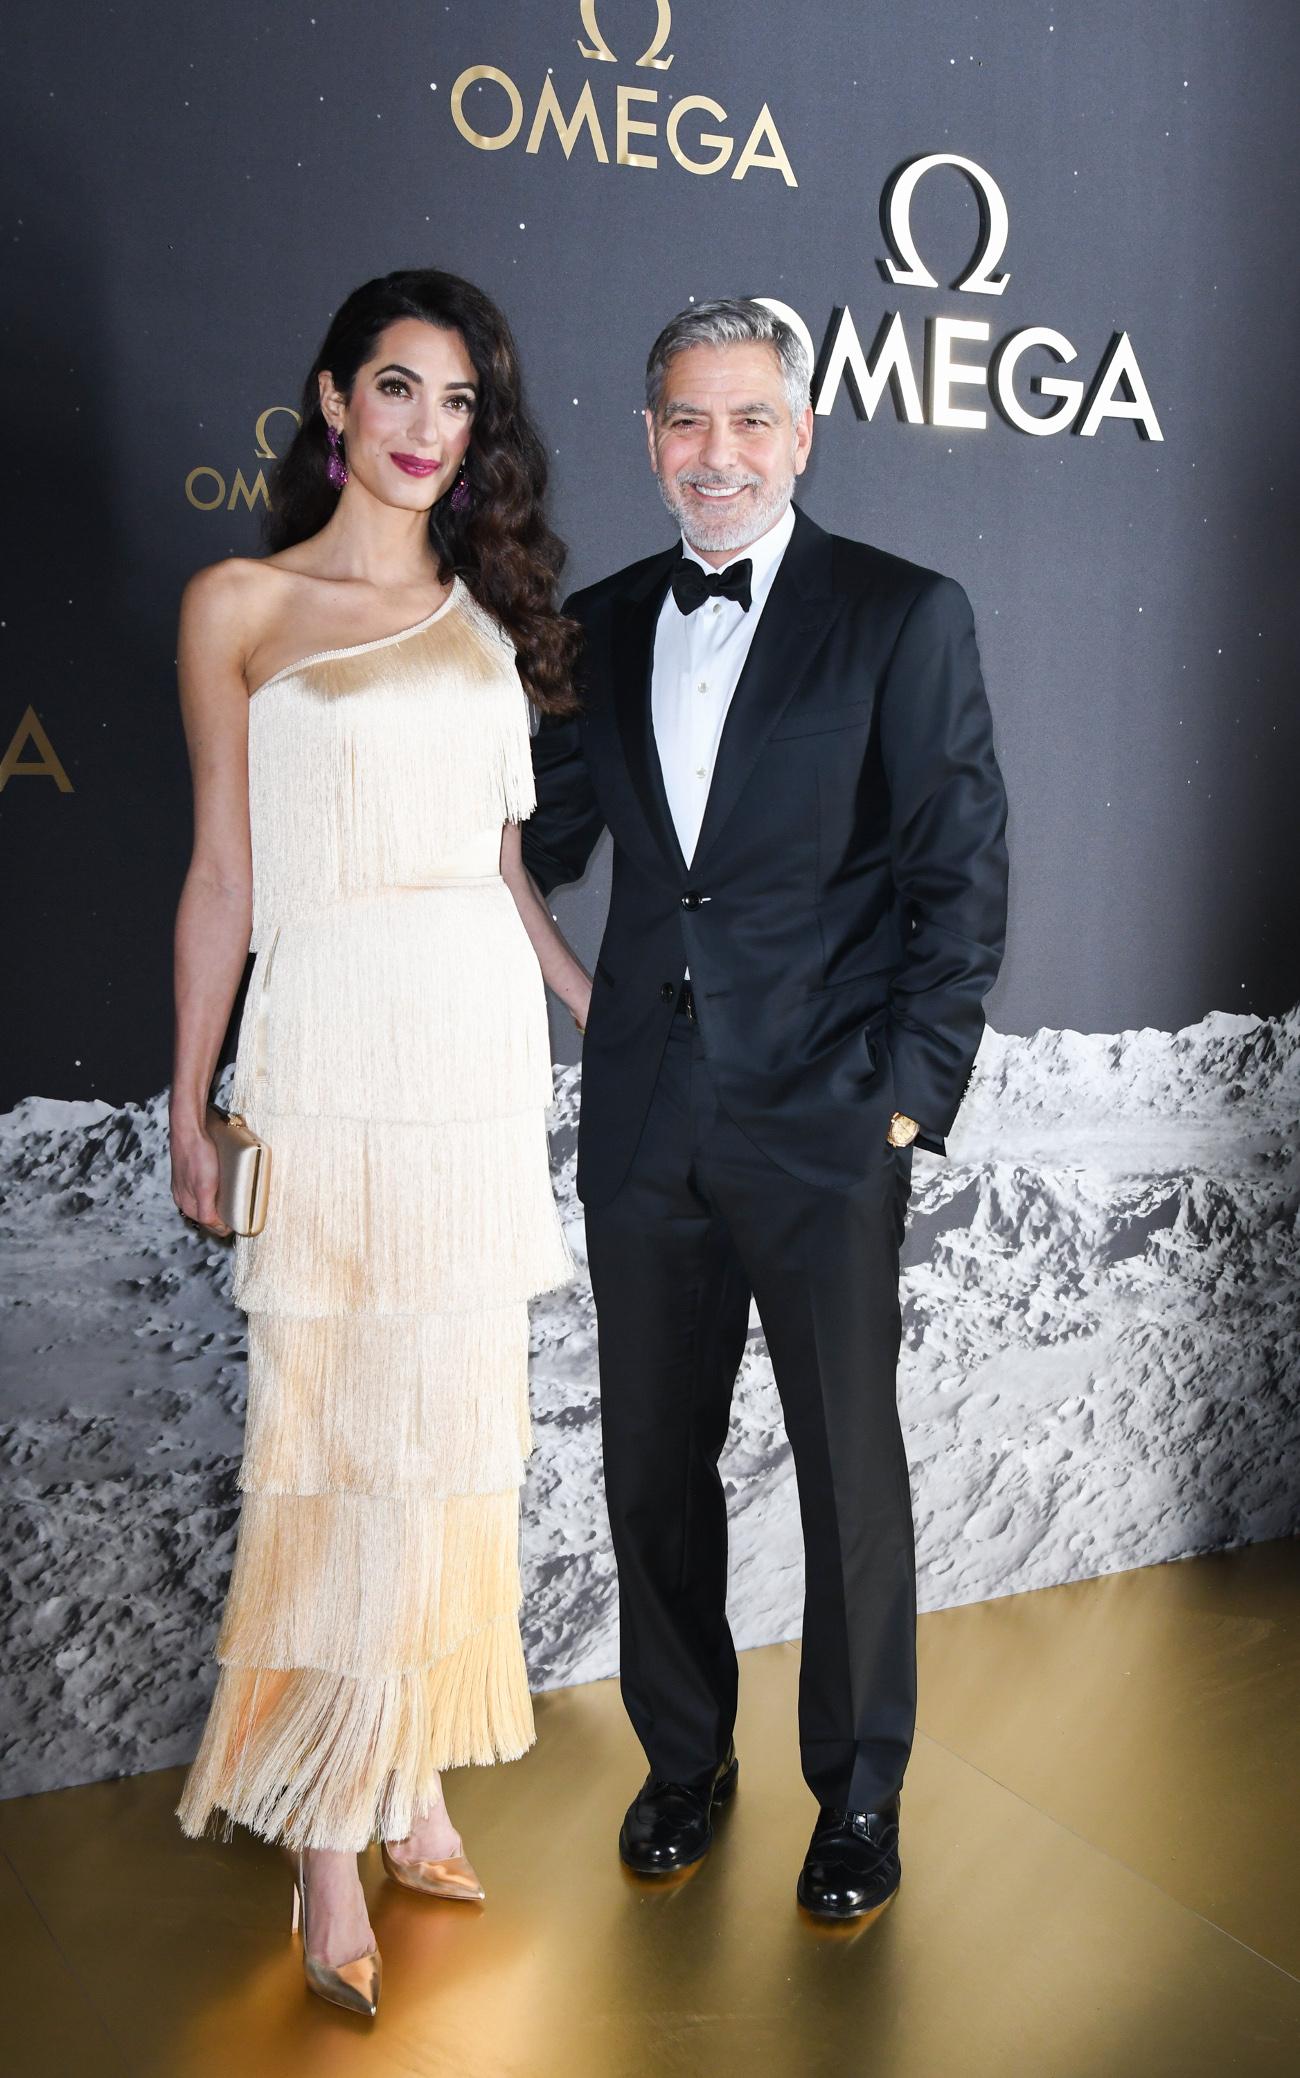 Αμάλ Αλαμουντίν με χρυσό φόρεμα μαζί με Τζορτζ Κλούνεϊ